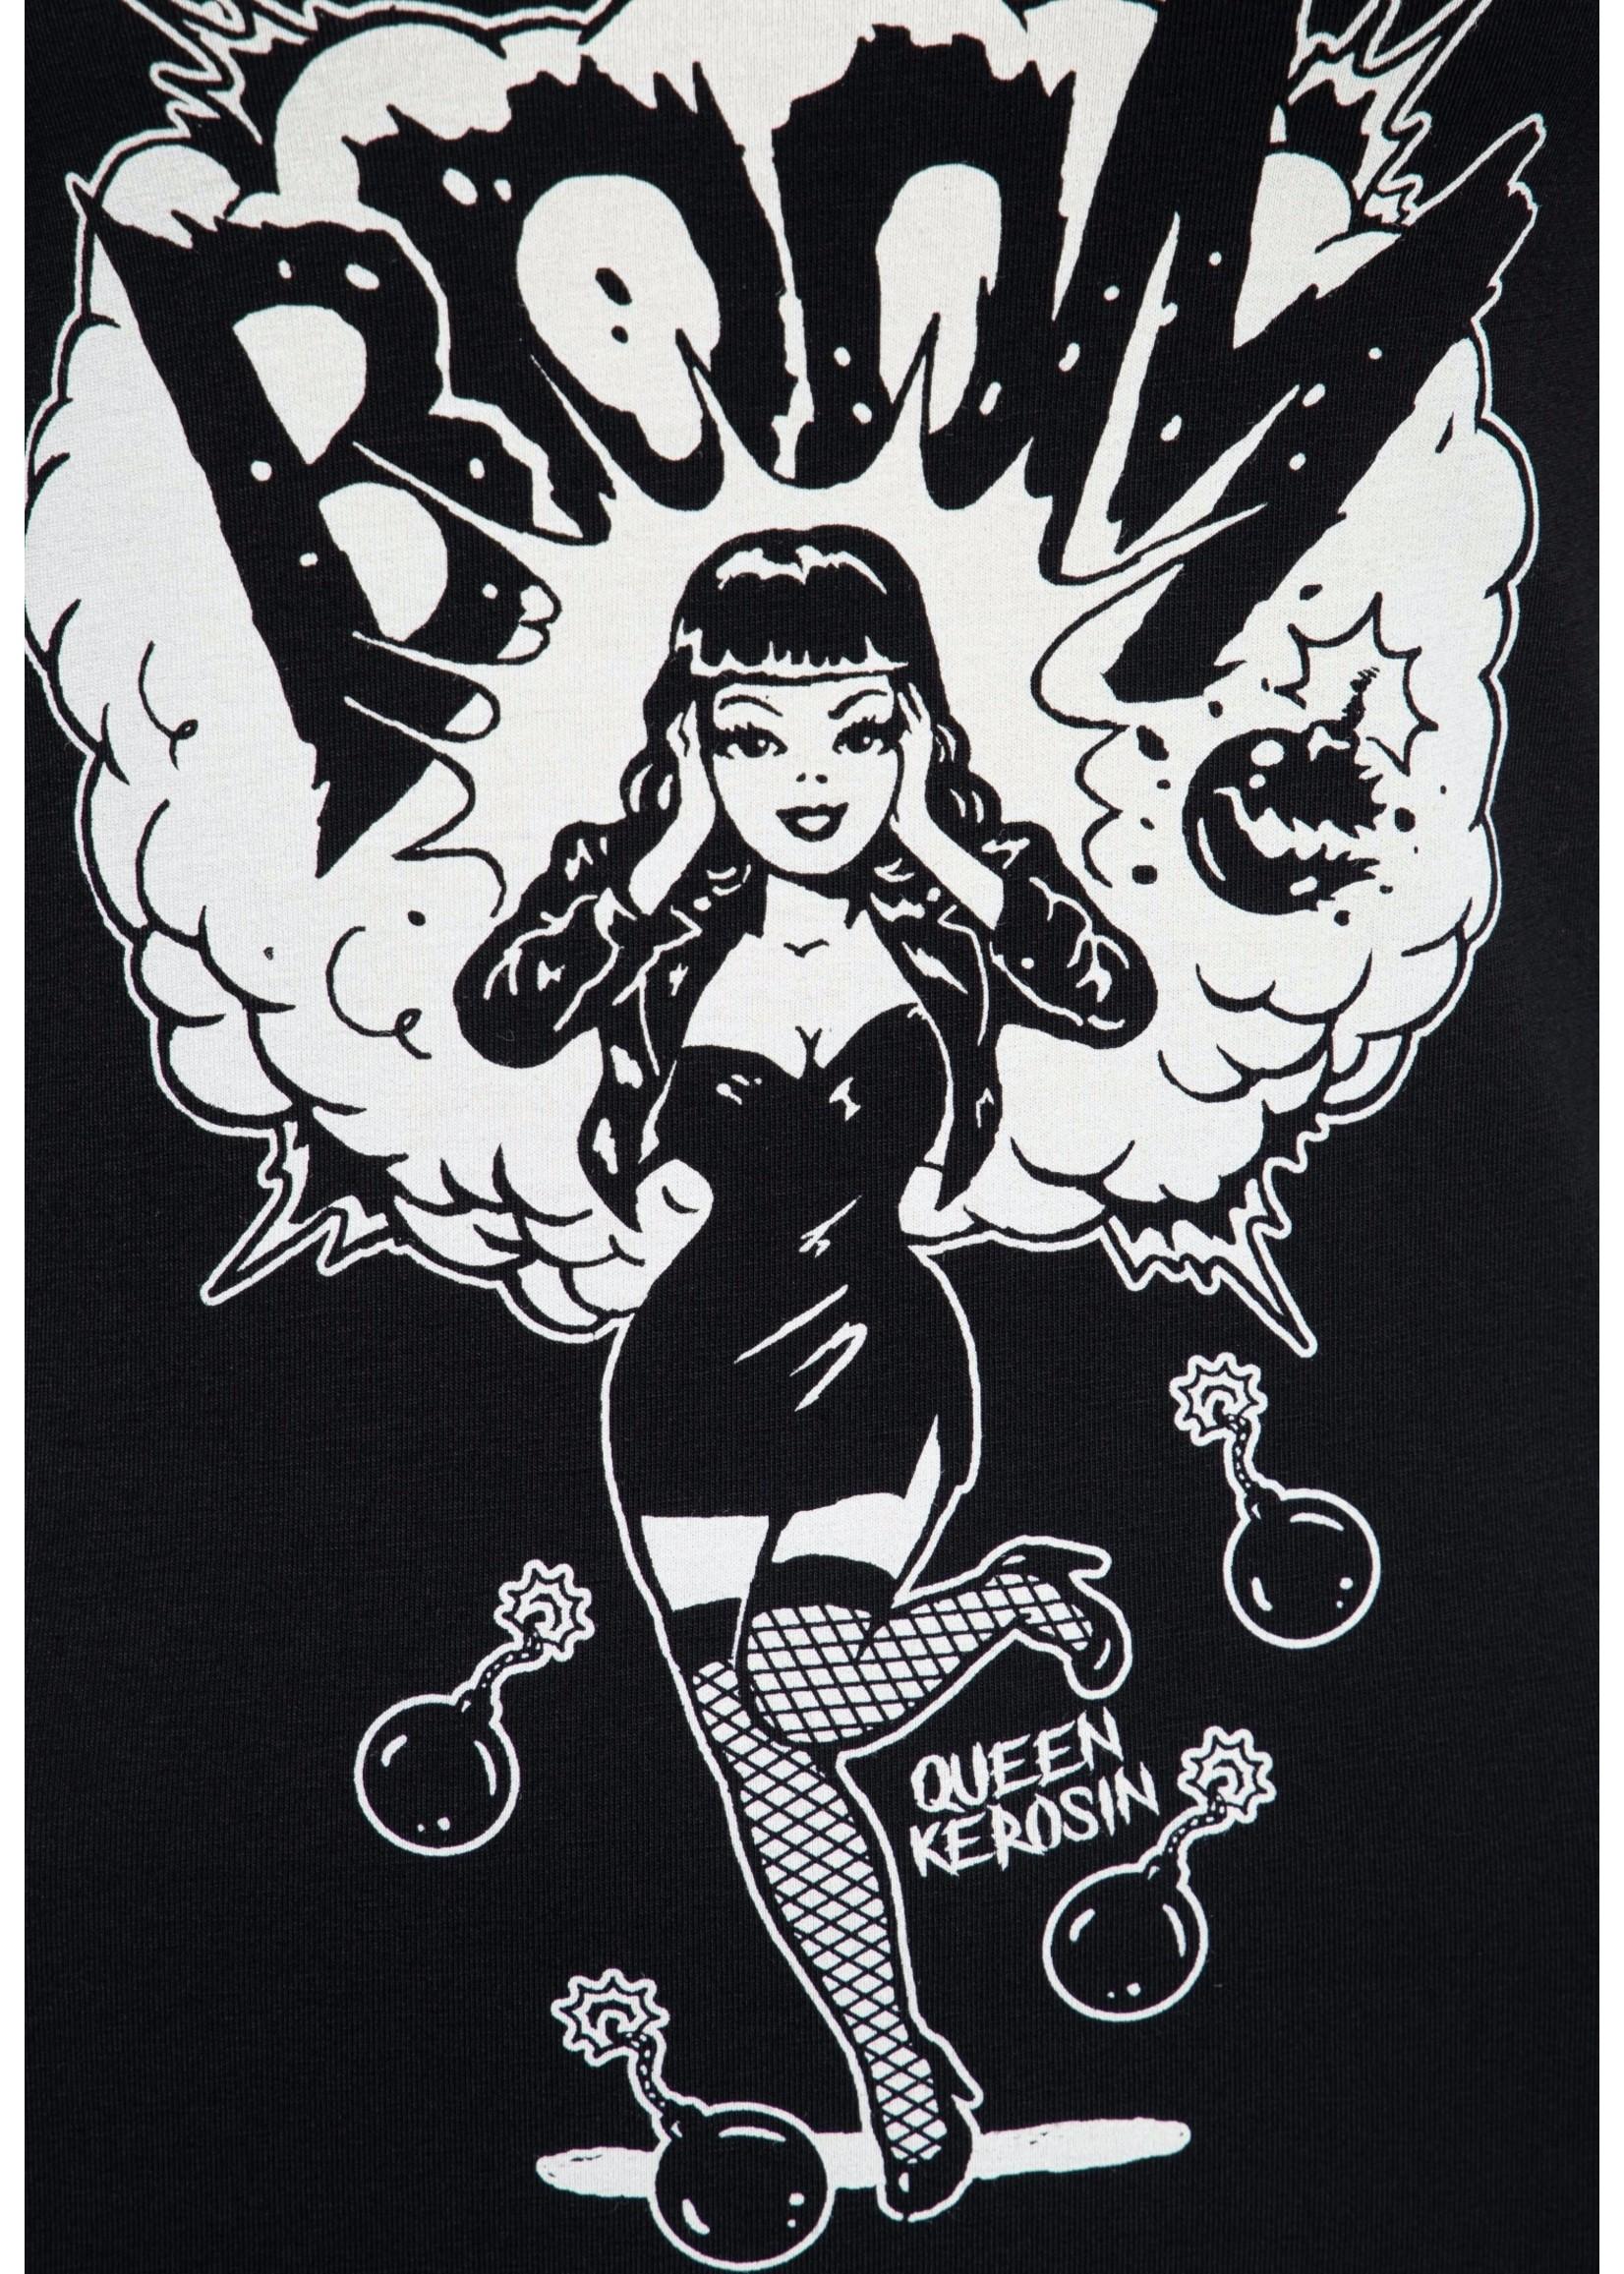 Queen Kerosin Queen Kerosin 50s T-Shirt Boom in Black